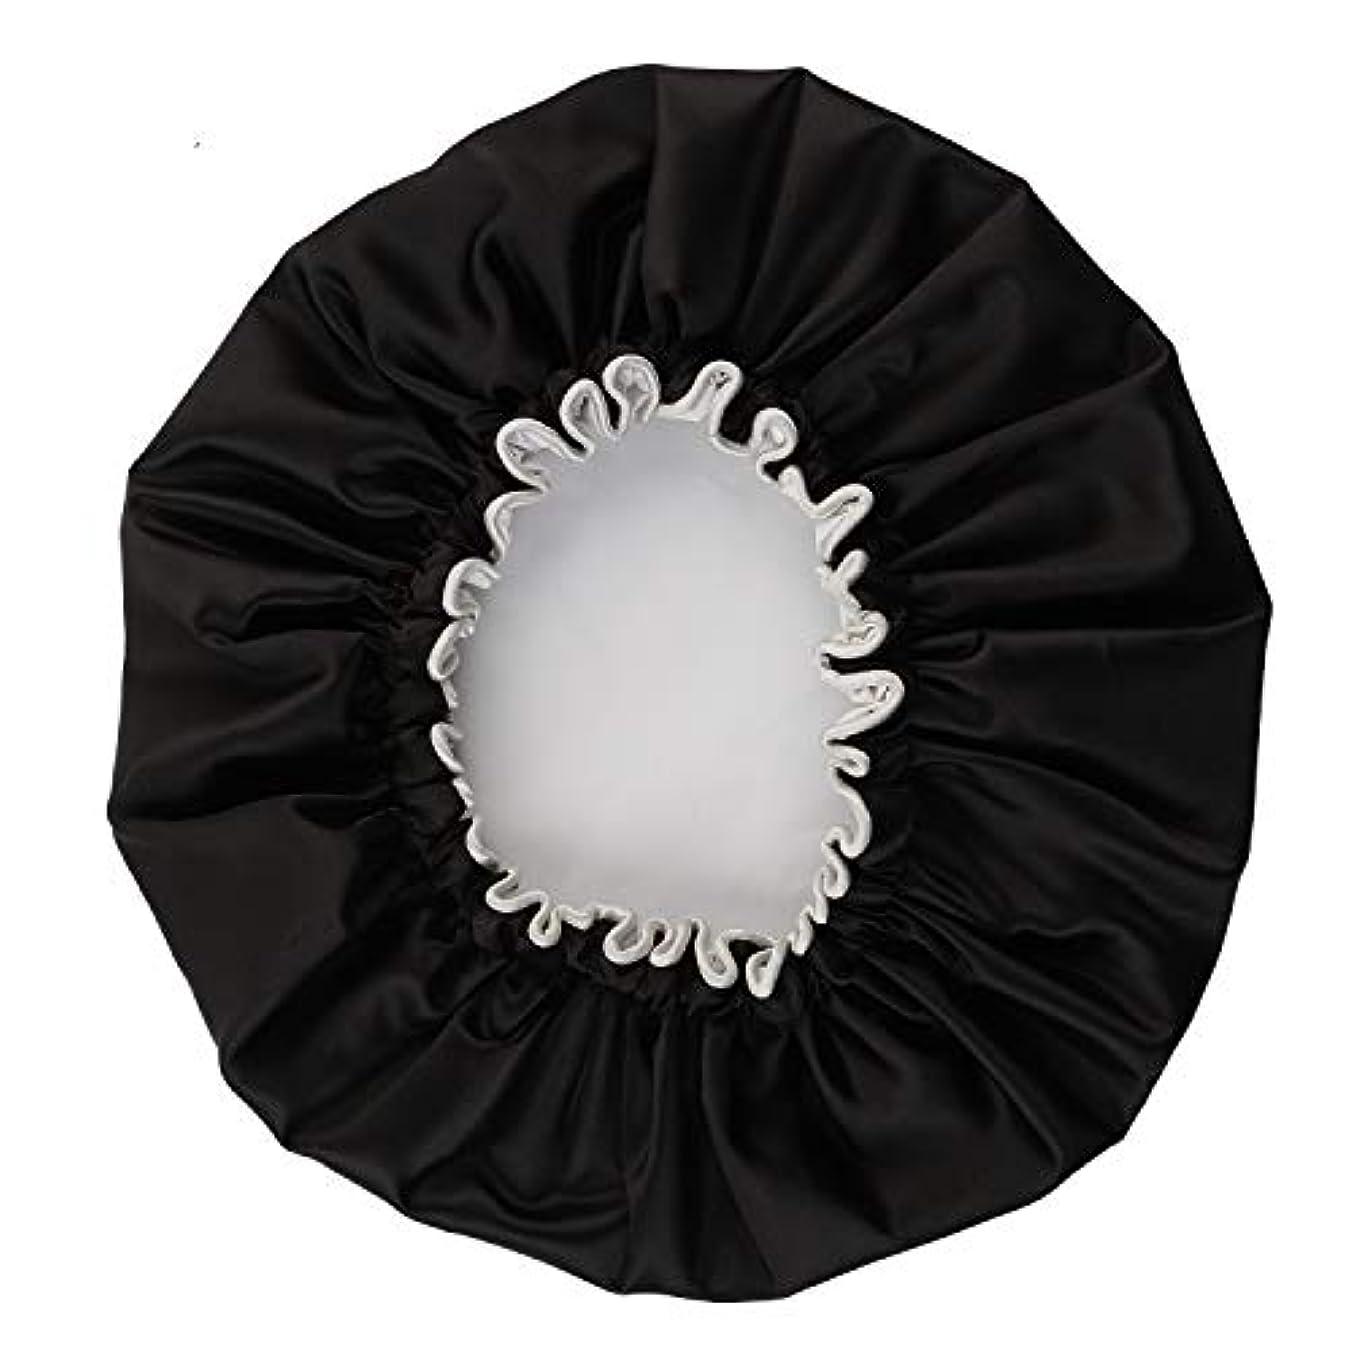 女の子代名詞ジョグNEOVIVA シャワーキャップ 可愛い ヘアキャップ ヘアーキャップ ヘアーターバン 防水帽 入浴キャップ 帽子 お風呂 旅行セット ブラック